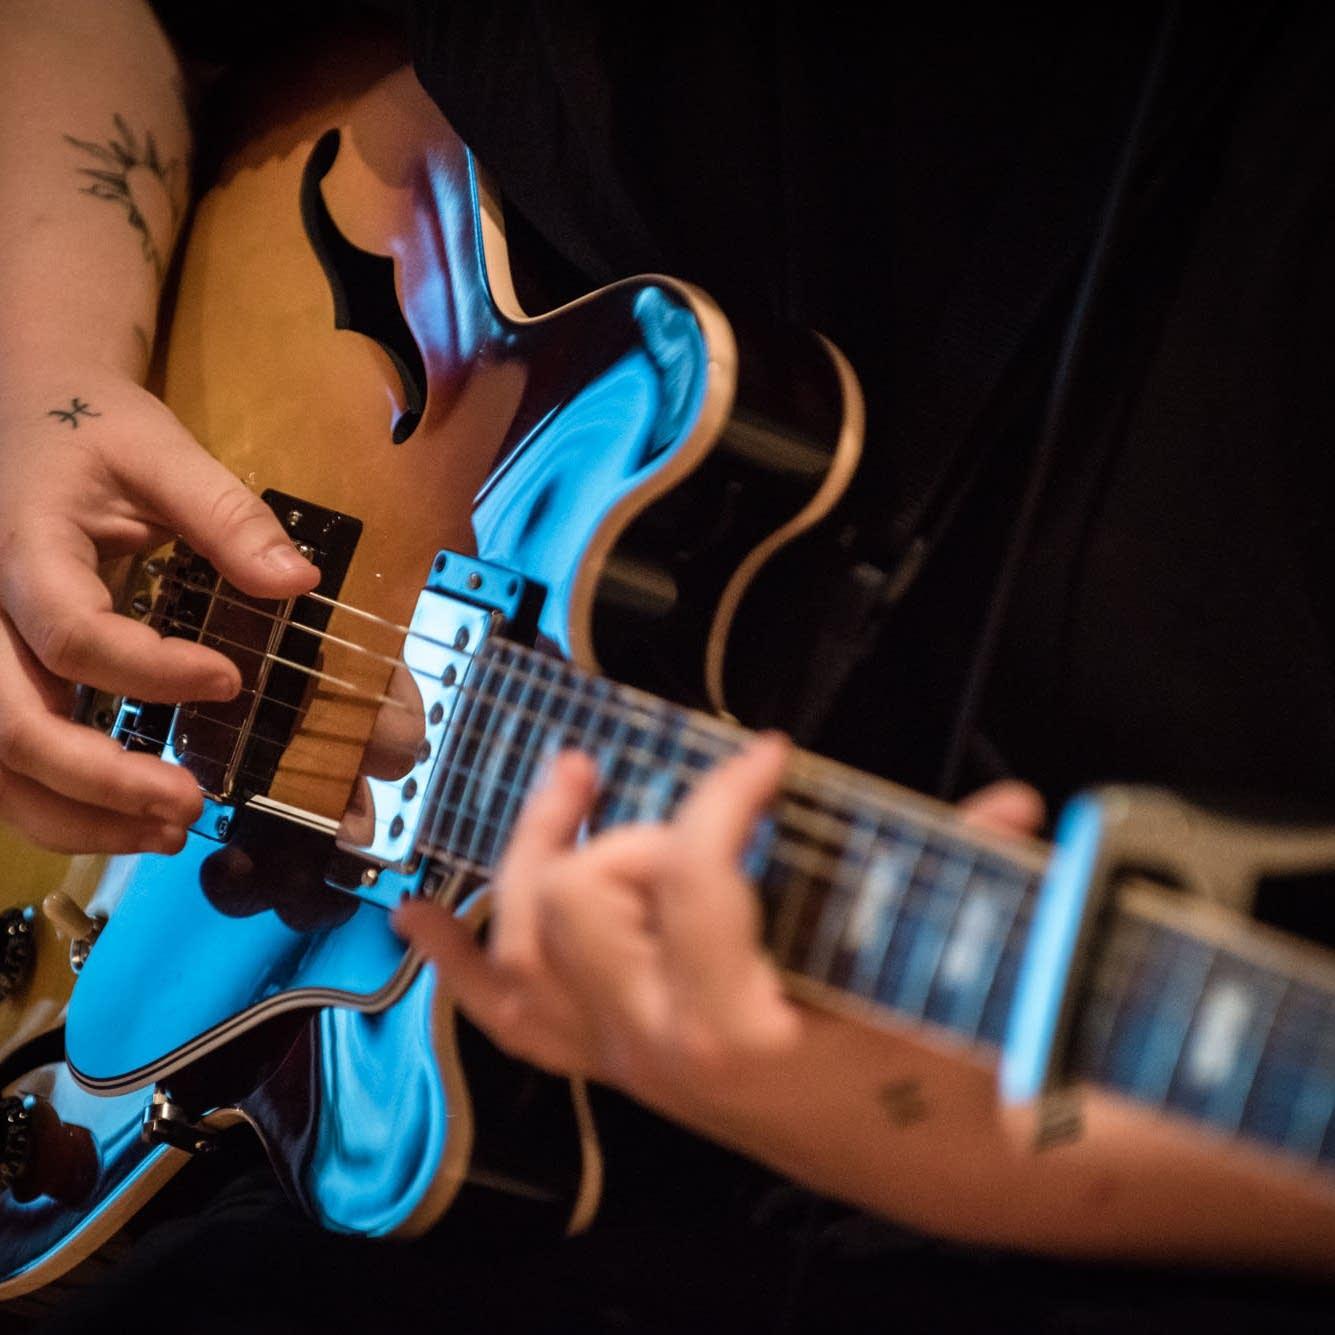 Bridie Monds-Watson's Gibson ES-339 guitar